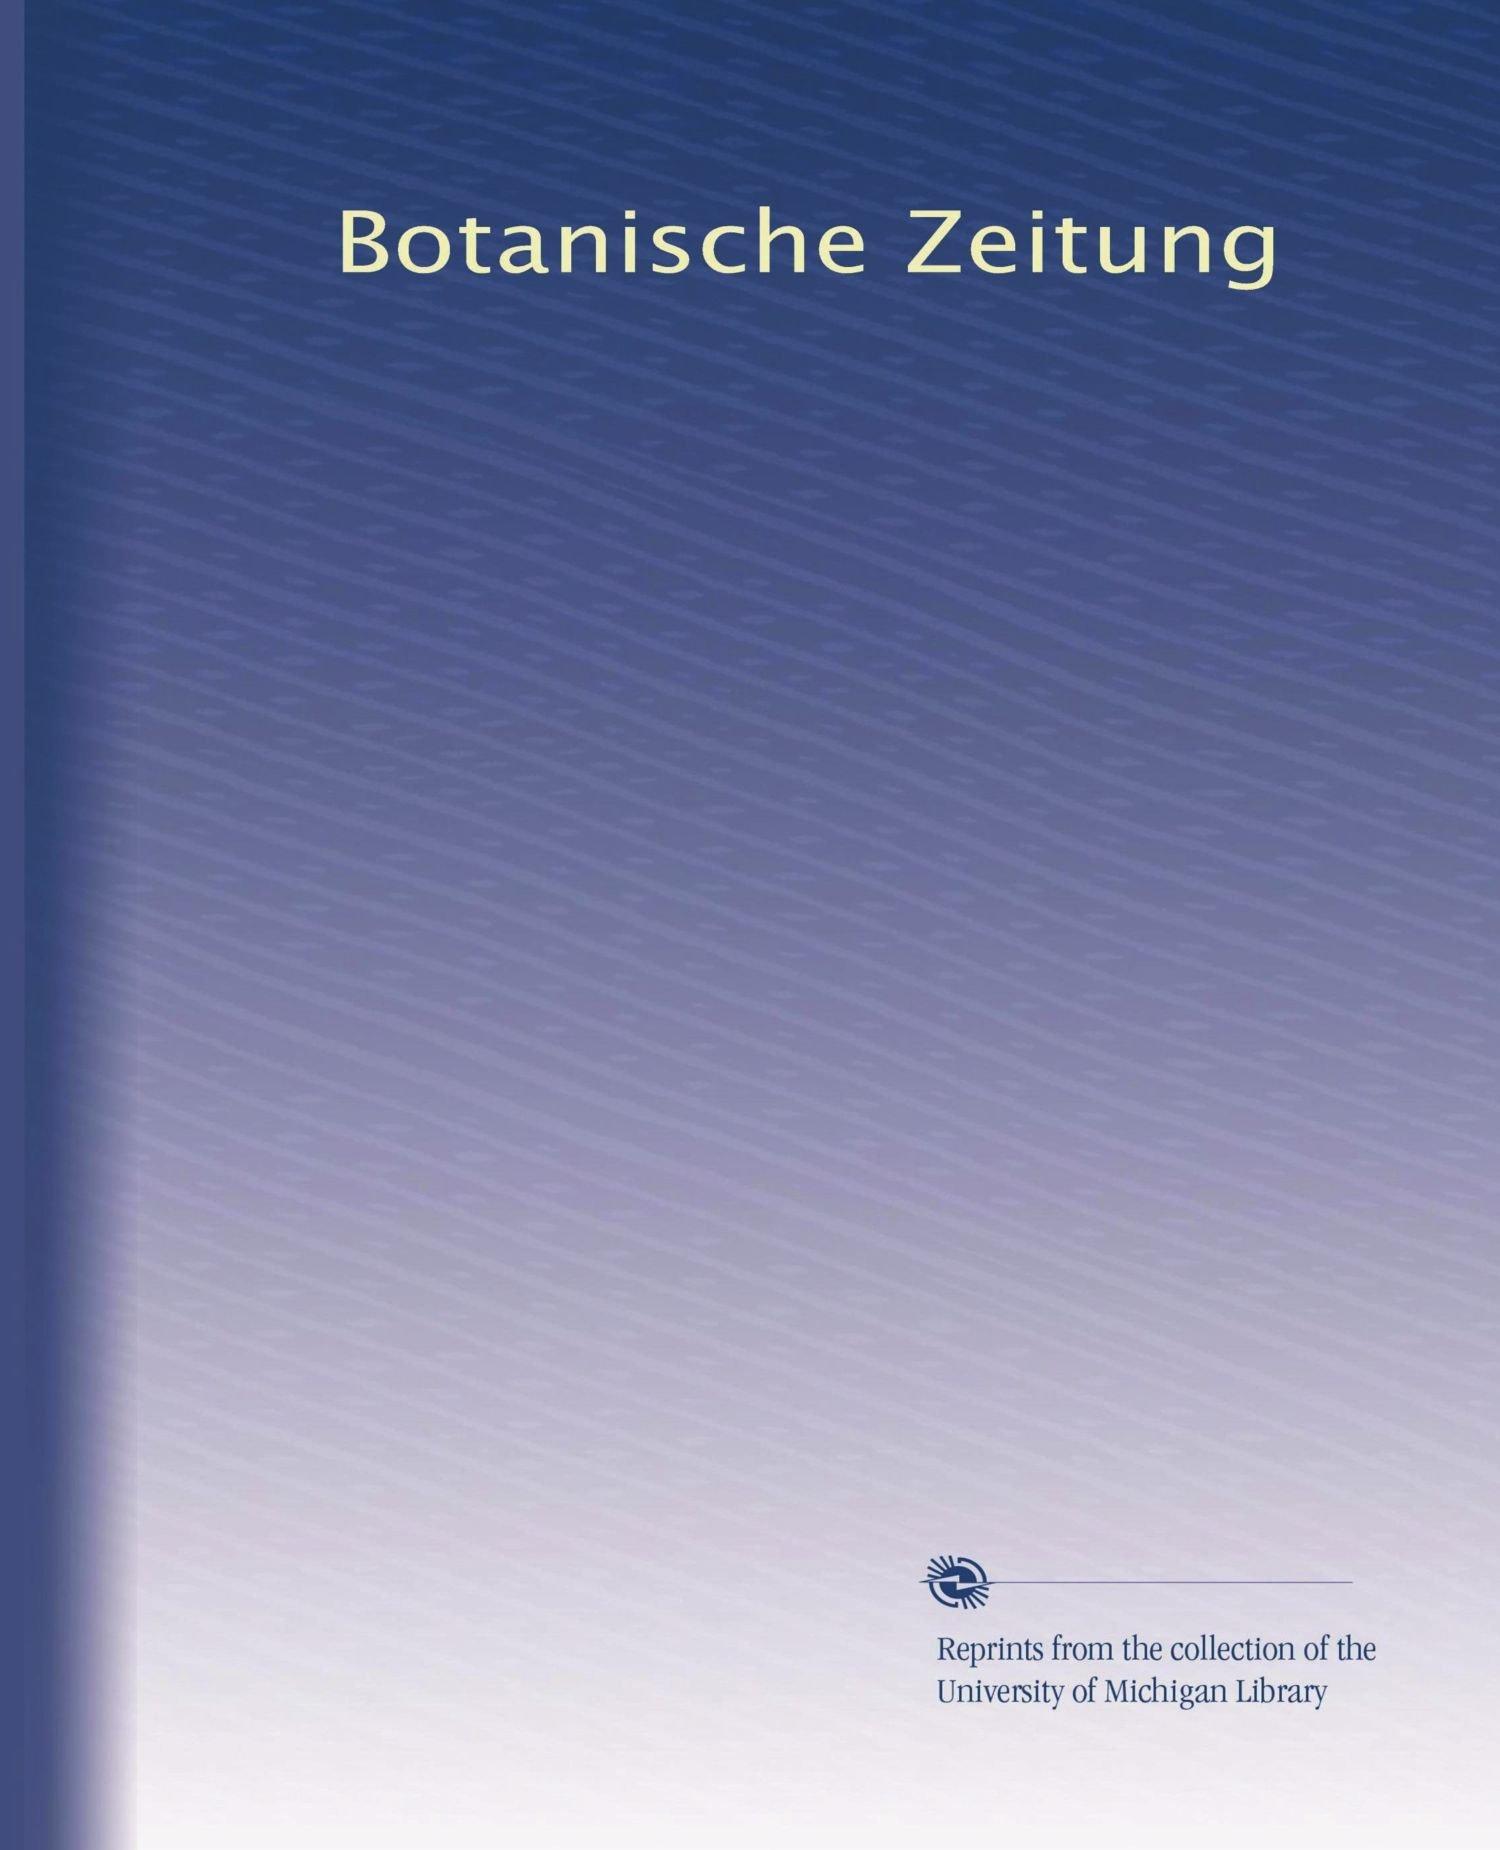 Botanische Zeitung (Volume 46) (German Edition) ebook